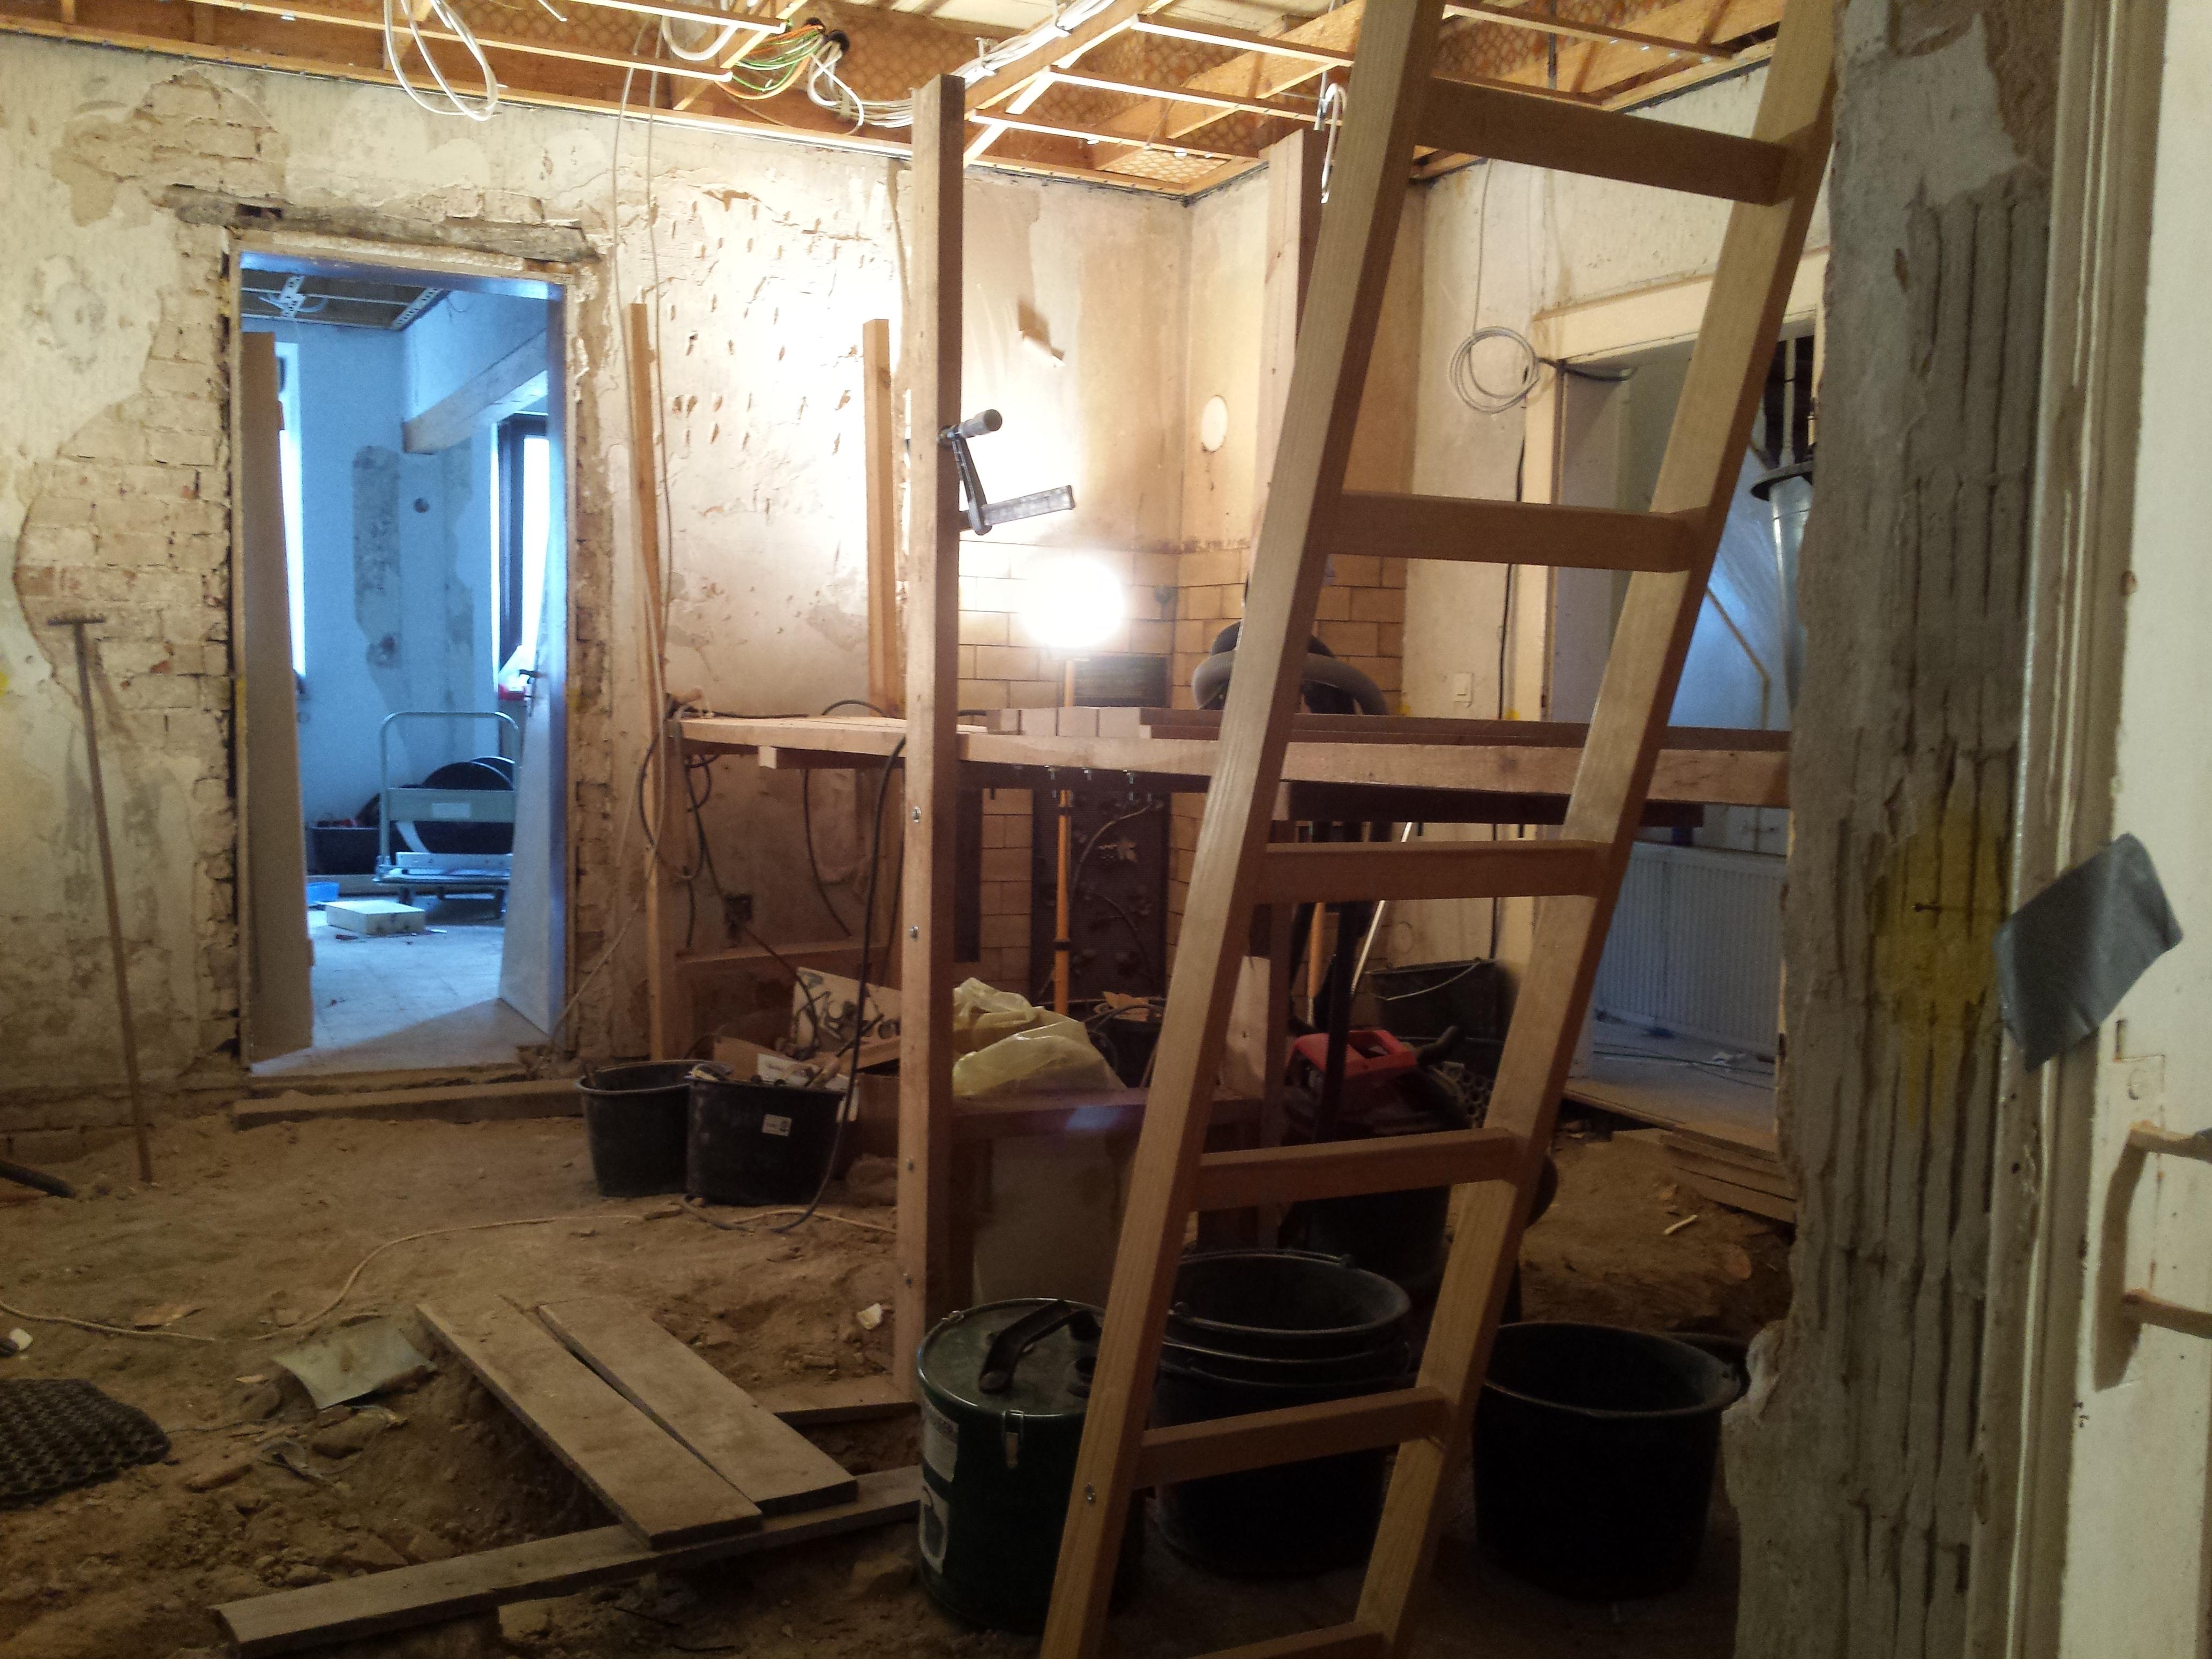 Küche Wohnzimmer: Offene kuche kleines wohnzimmer brimob. Wohnzimmer ...